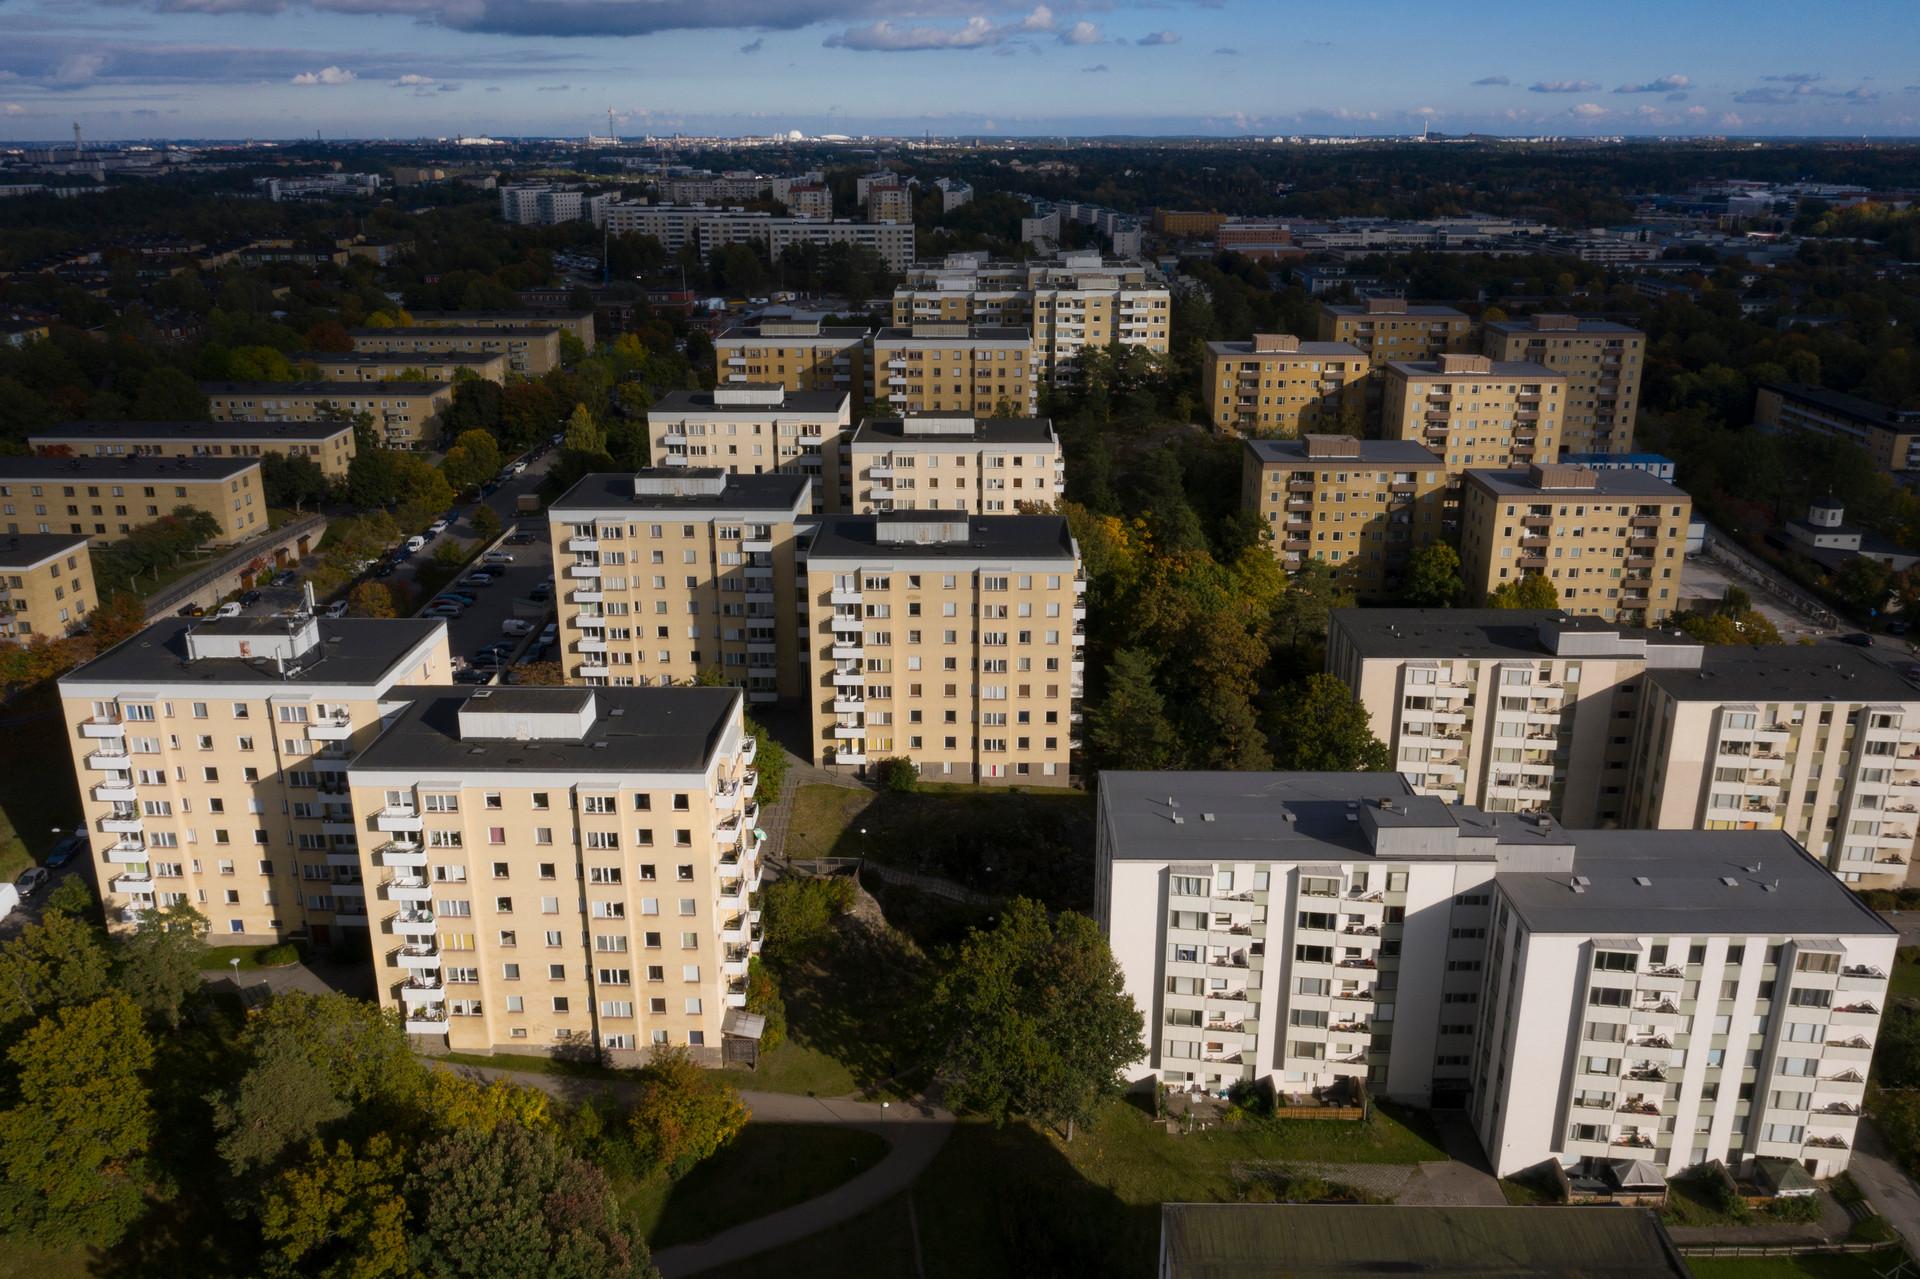 Skärholmen